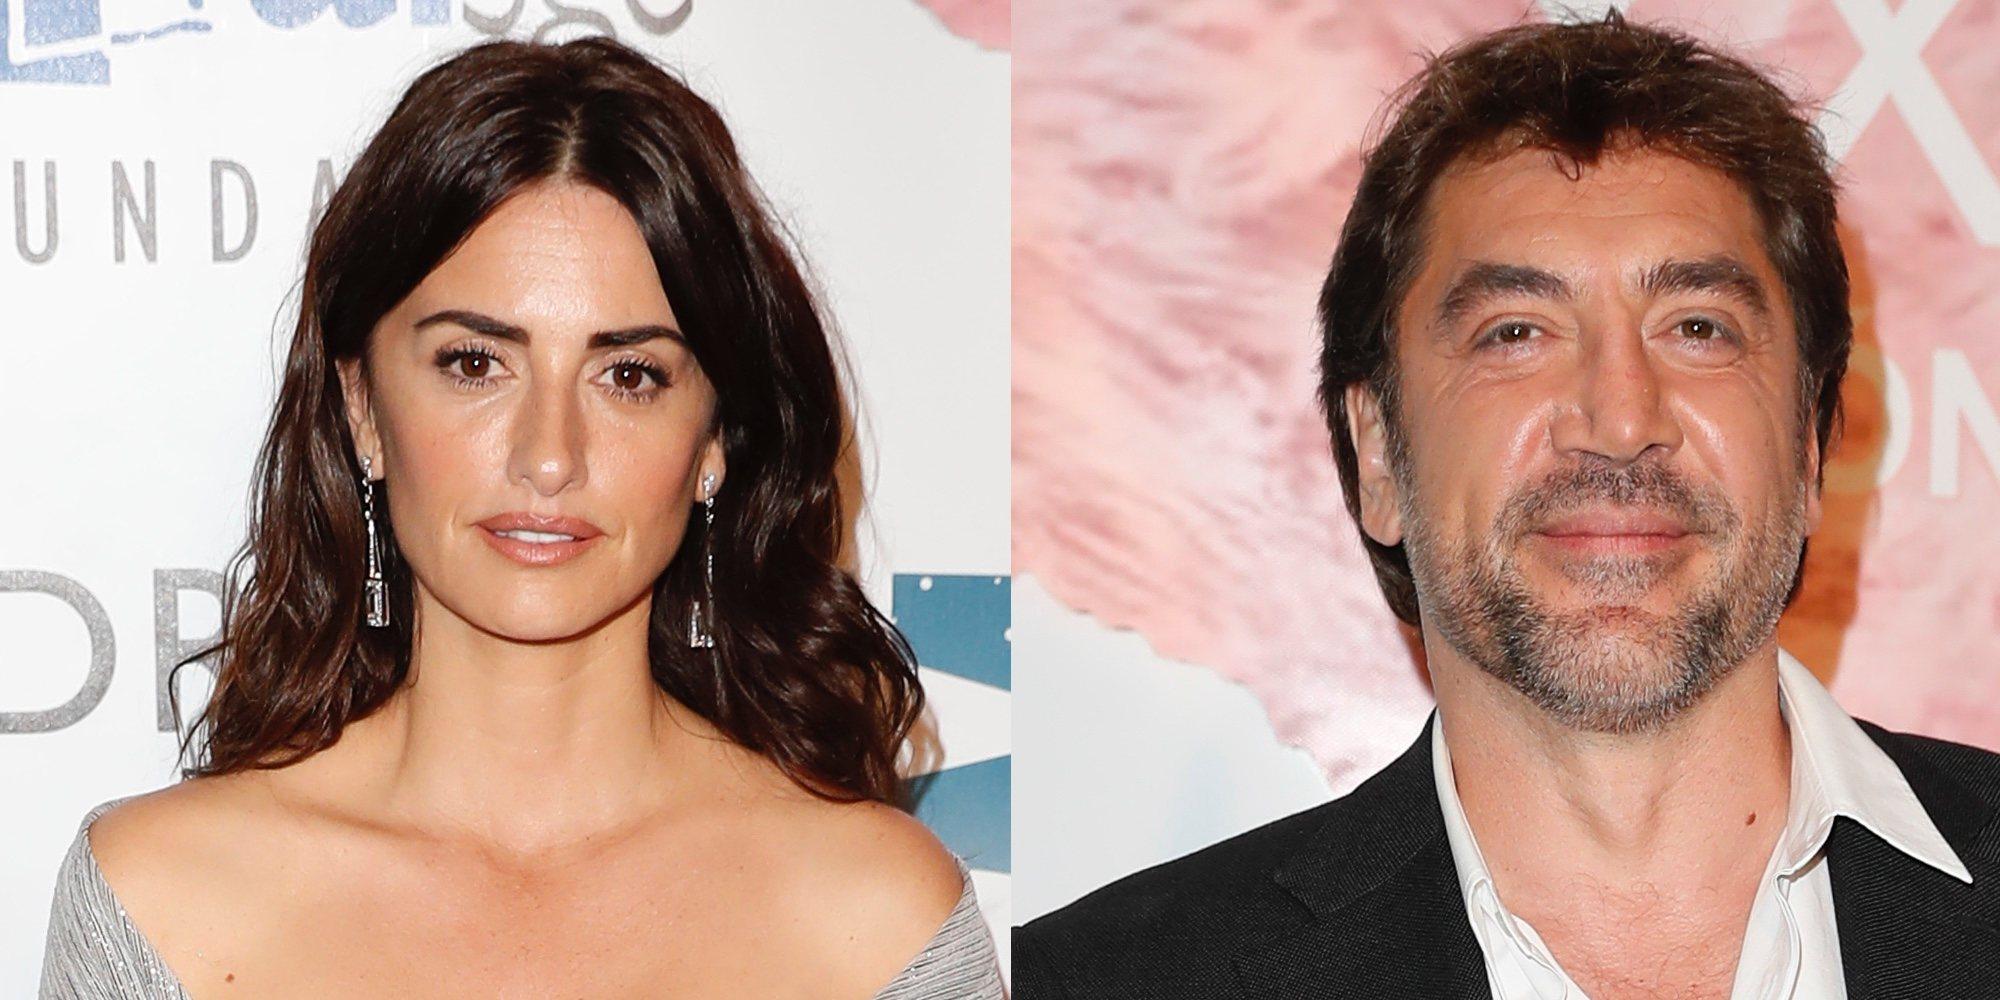 Penélope Cruz y Javier Bardem, las grandes estrellas de la noche de los Premios Unión de Actores 2018